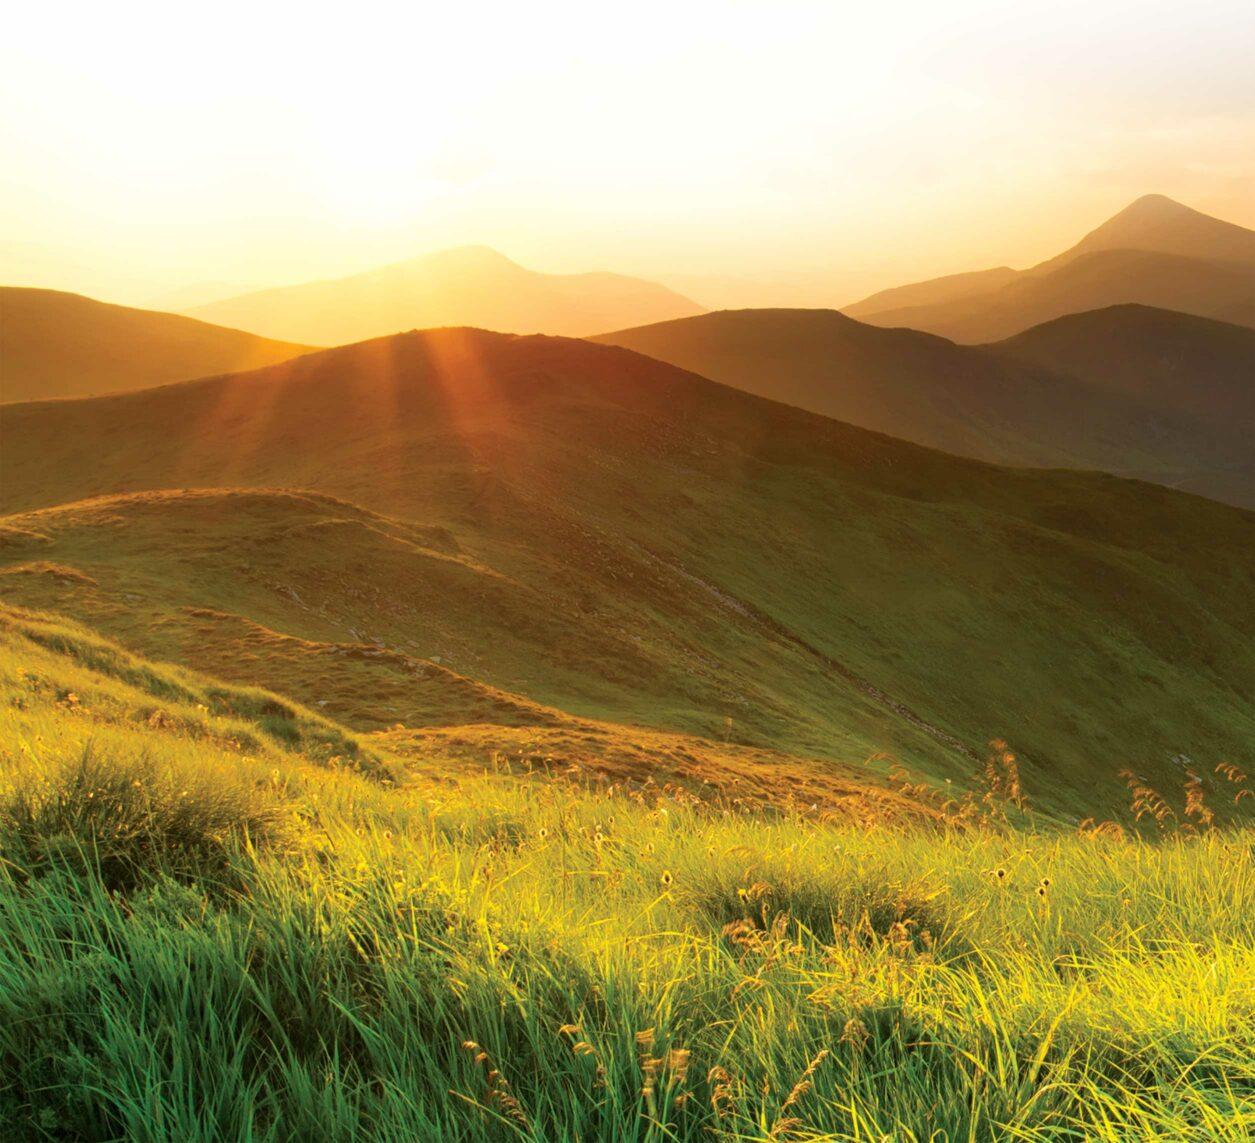 Gold Fern - meadow New Zealand